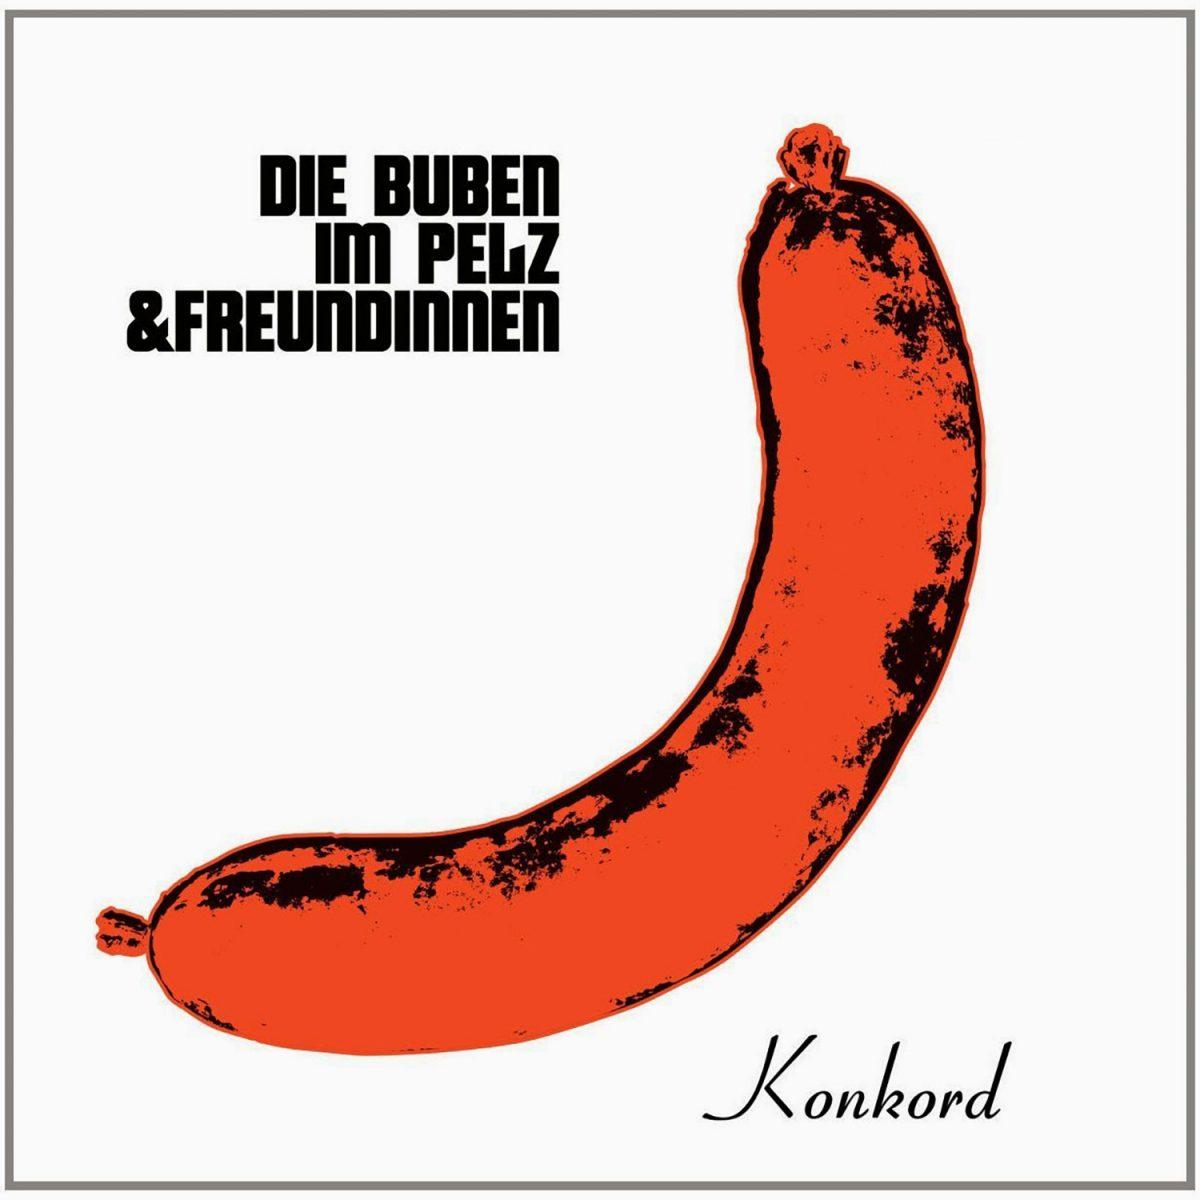 Die Buben Im Pelz: Die Buben Im Pelz & Freundinnen (2015)